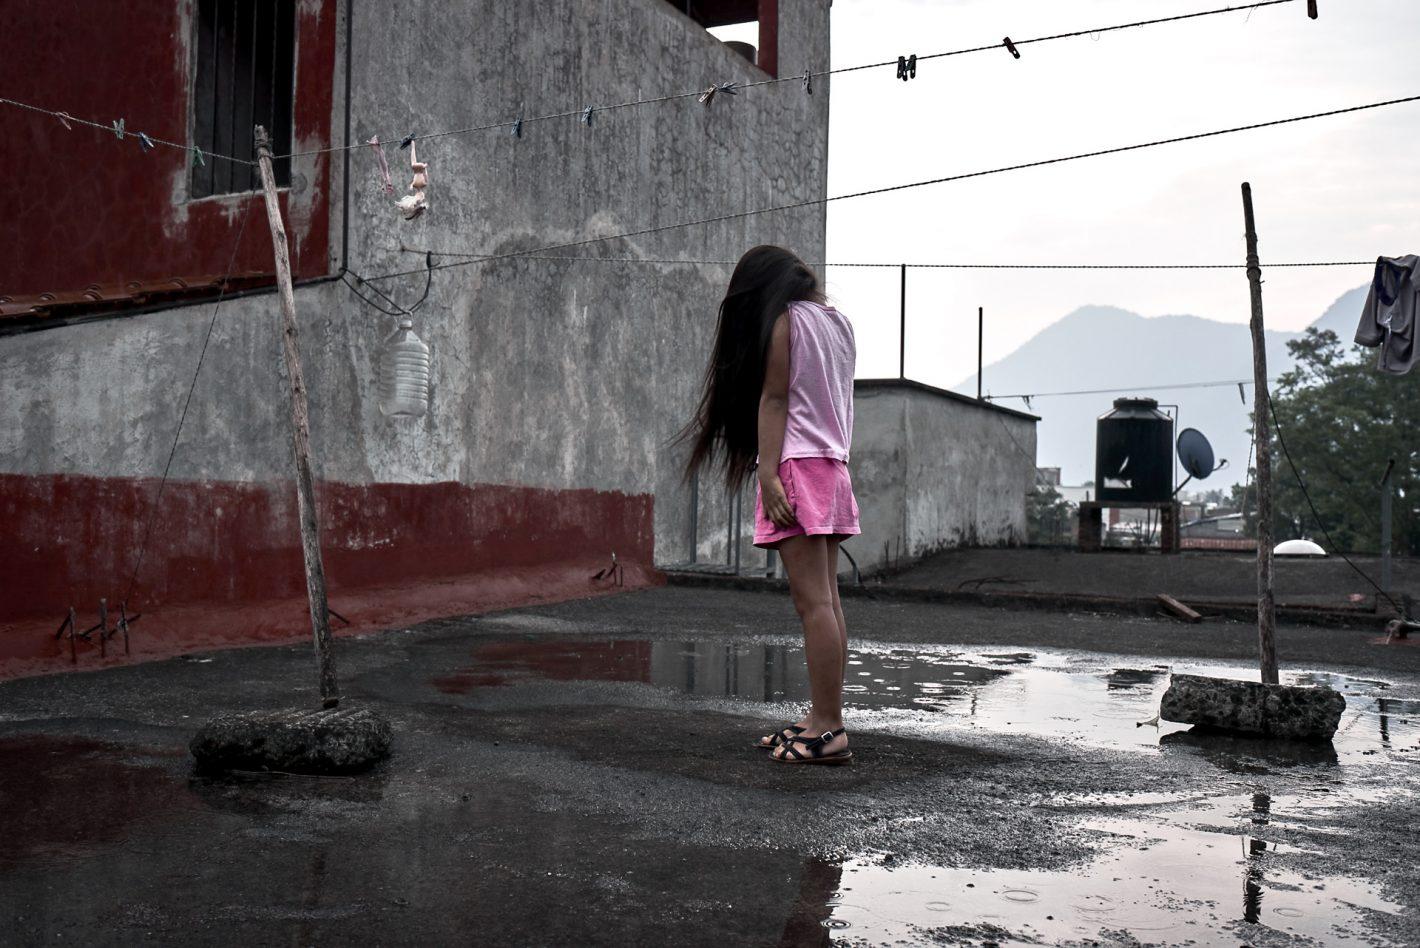 Mahé Elipe, l'humain au cœur de l'image - FEMINICIDE MEXICO